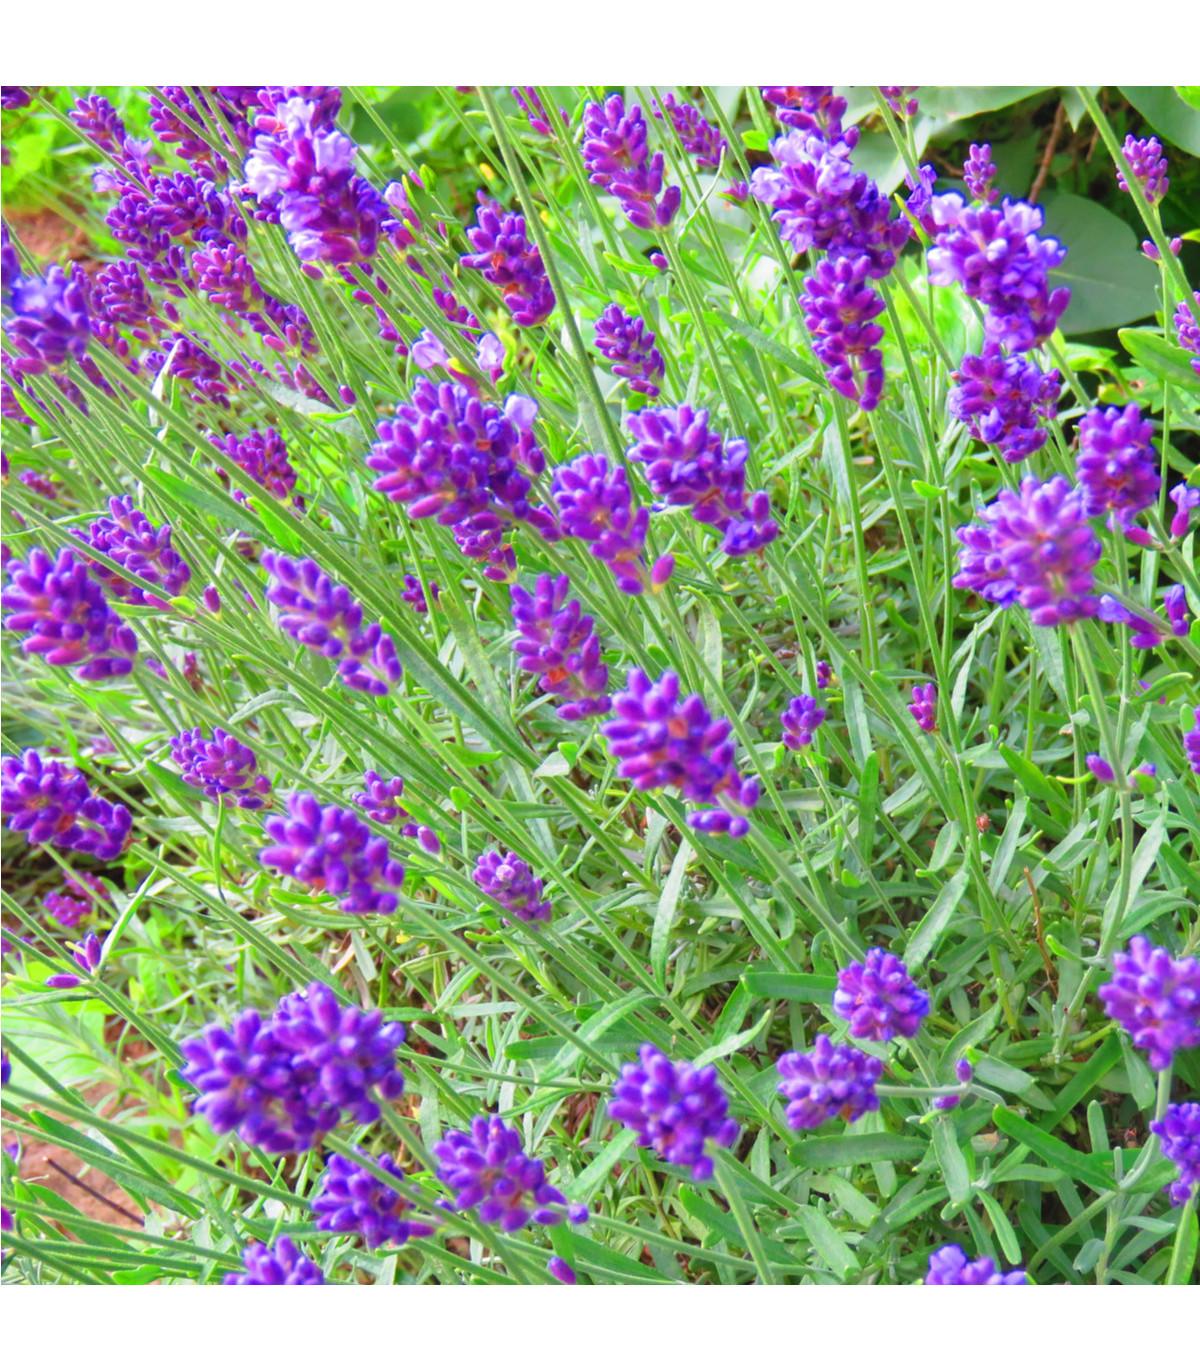 Levanduľa lekárska fialová - Ellegance purple - Lavandula angustifolia - semená levanduľa - 15 ks